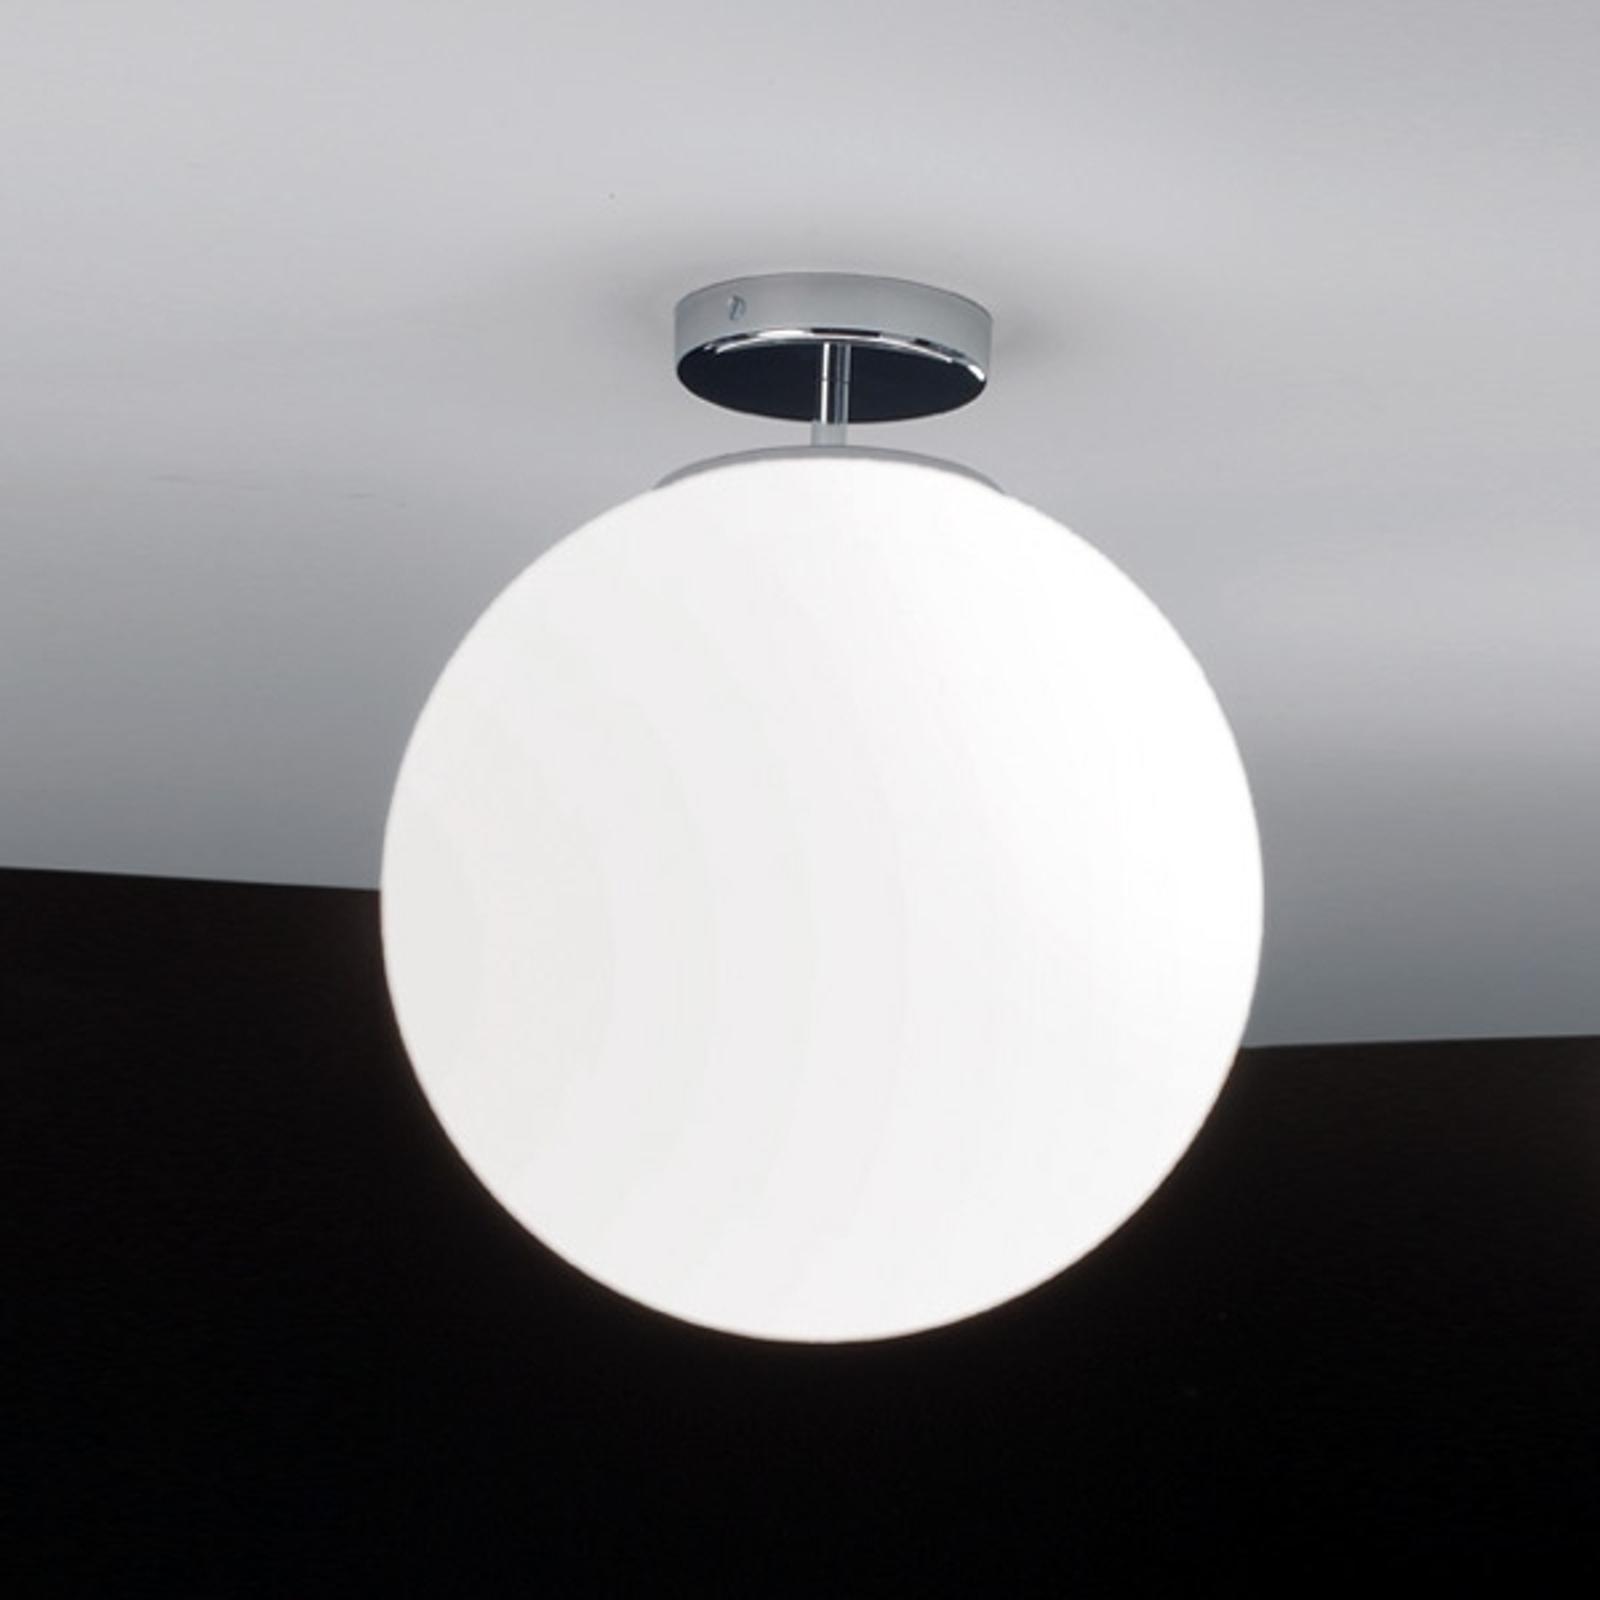 Szklana lampa sufitowa Sferis 30 cm chromowana